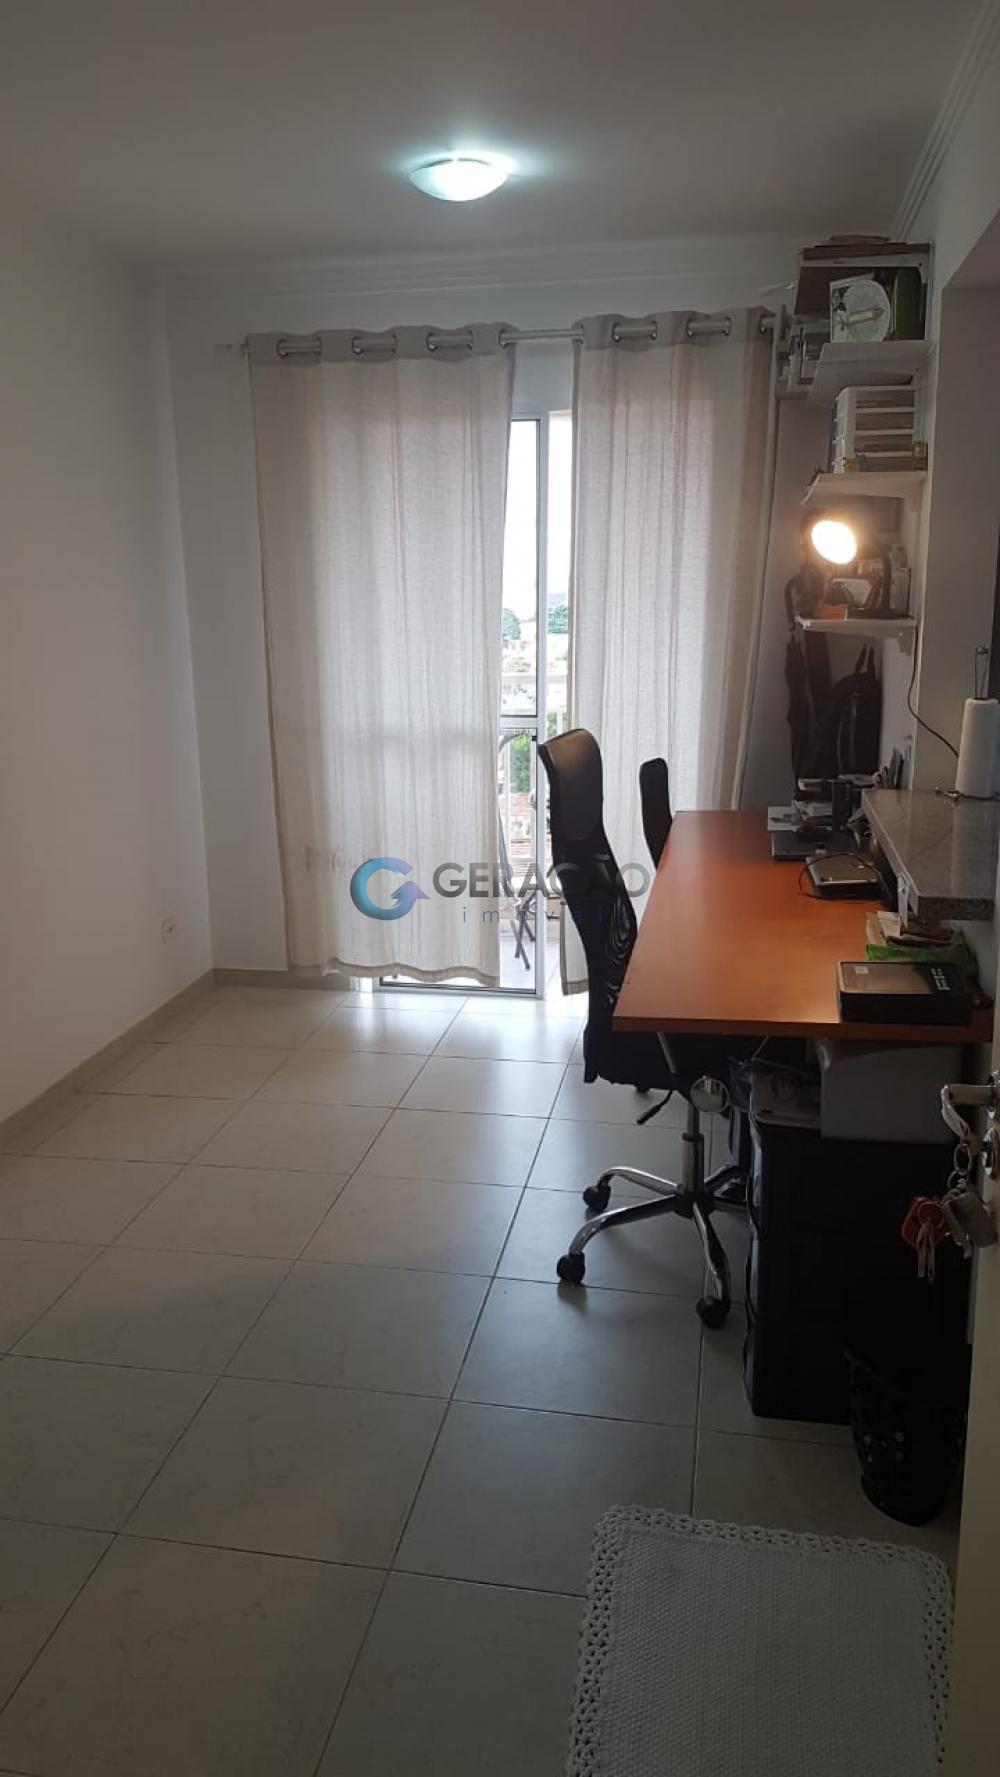 Comprar Apartamento / Padrão em São José dos Campos apenas R$ 245.000,00 - Foto 3